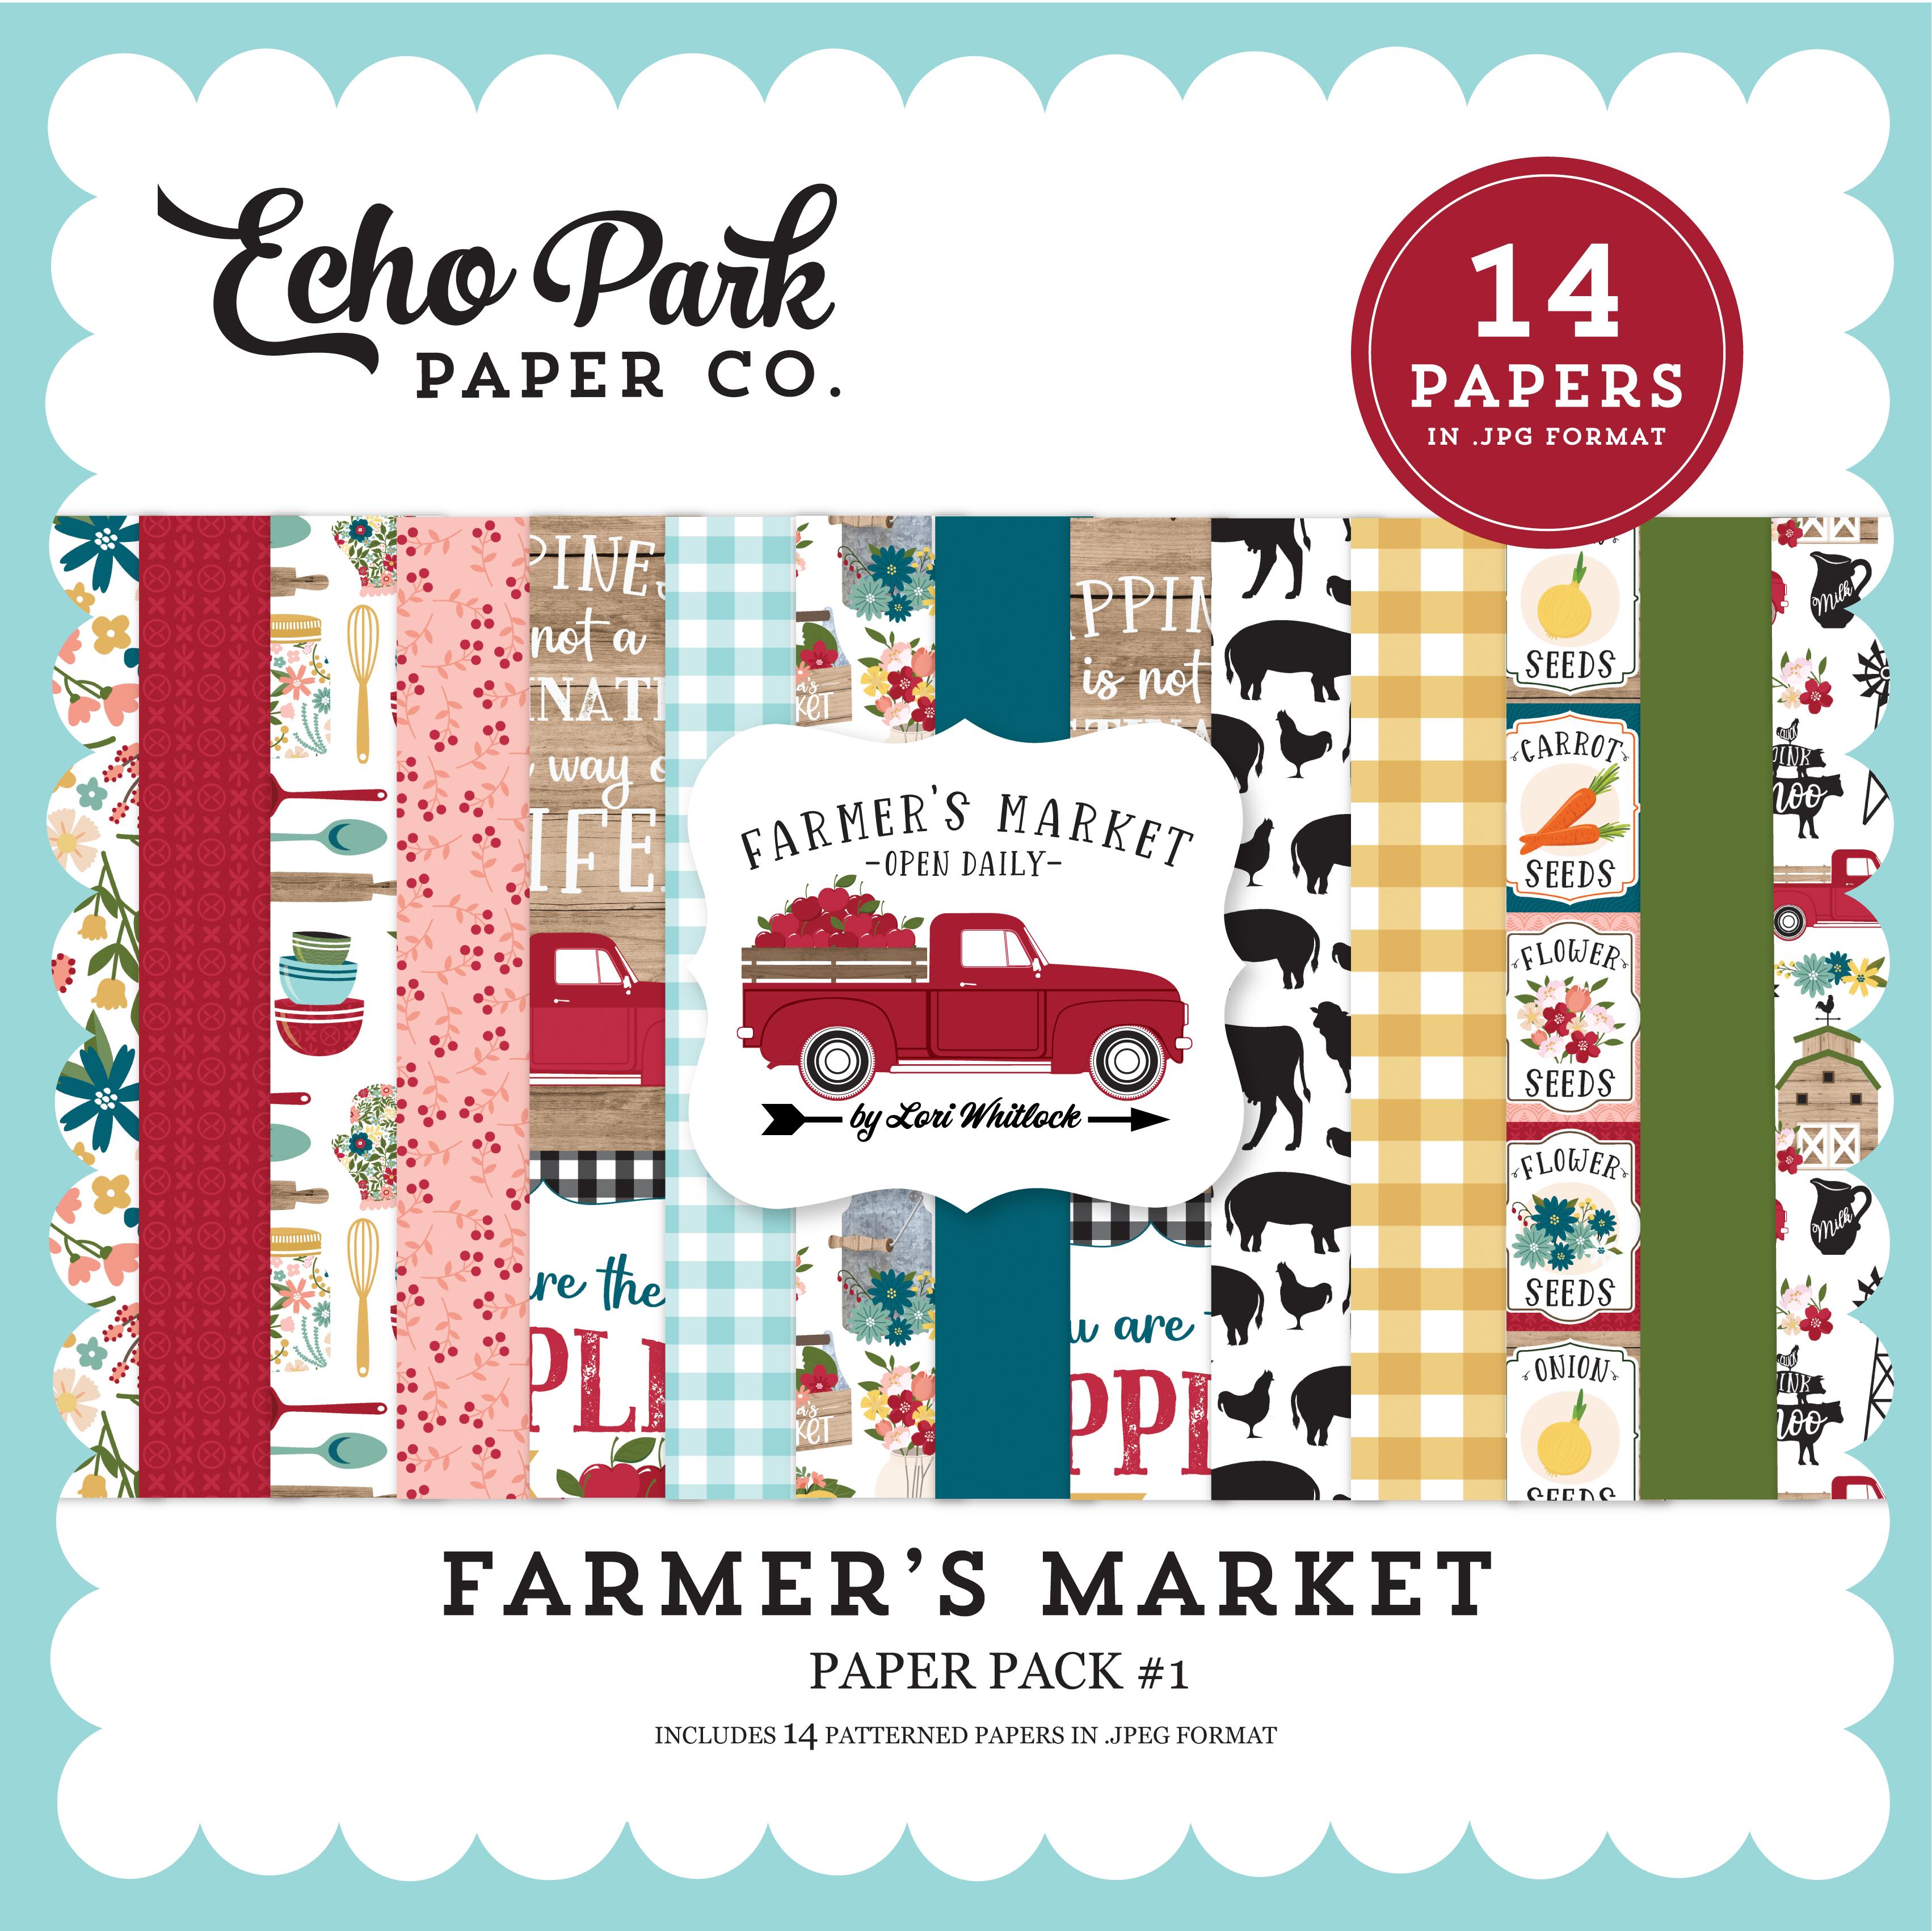 Farmer's Market Paper Pack #1